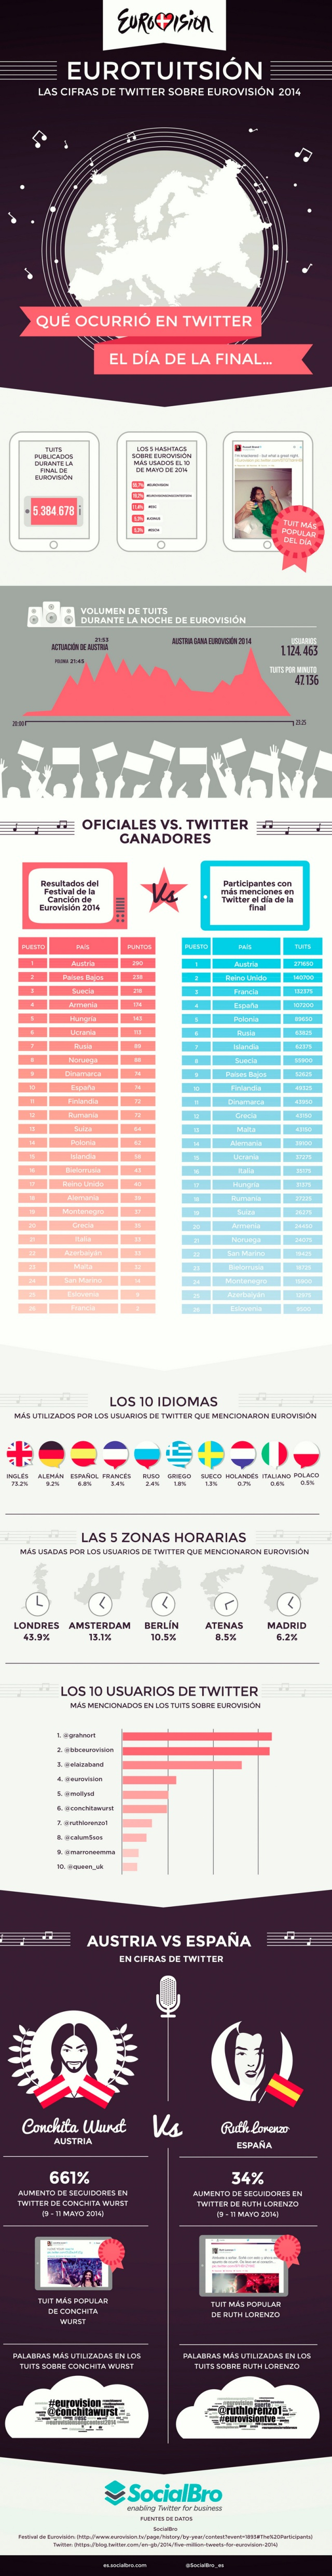 Eurovisión 2014 en Twitter